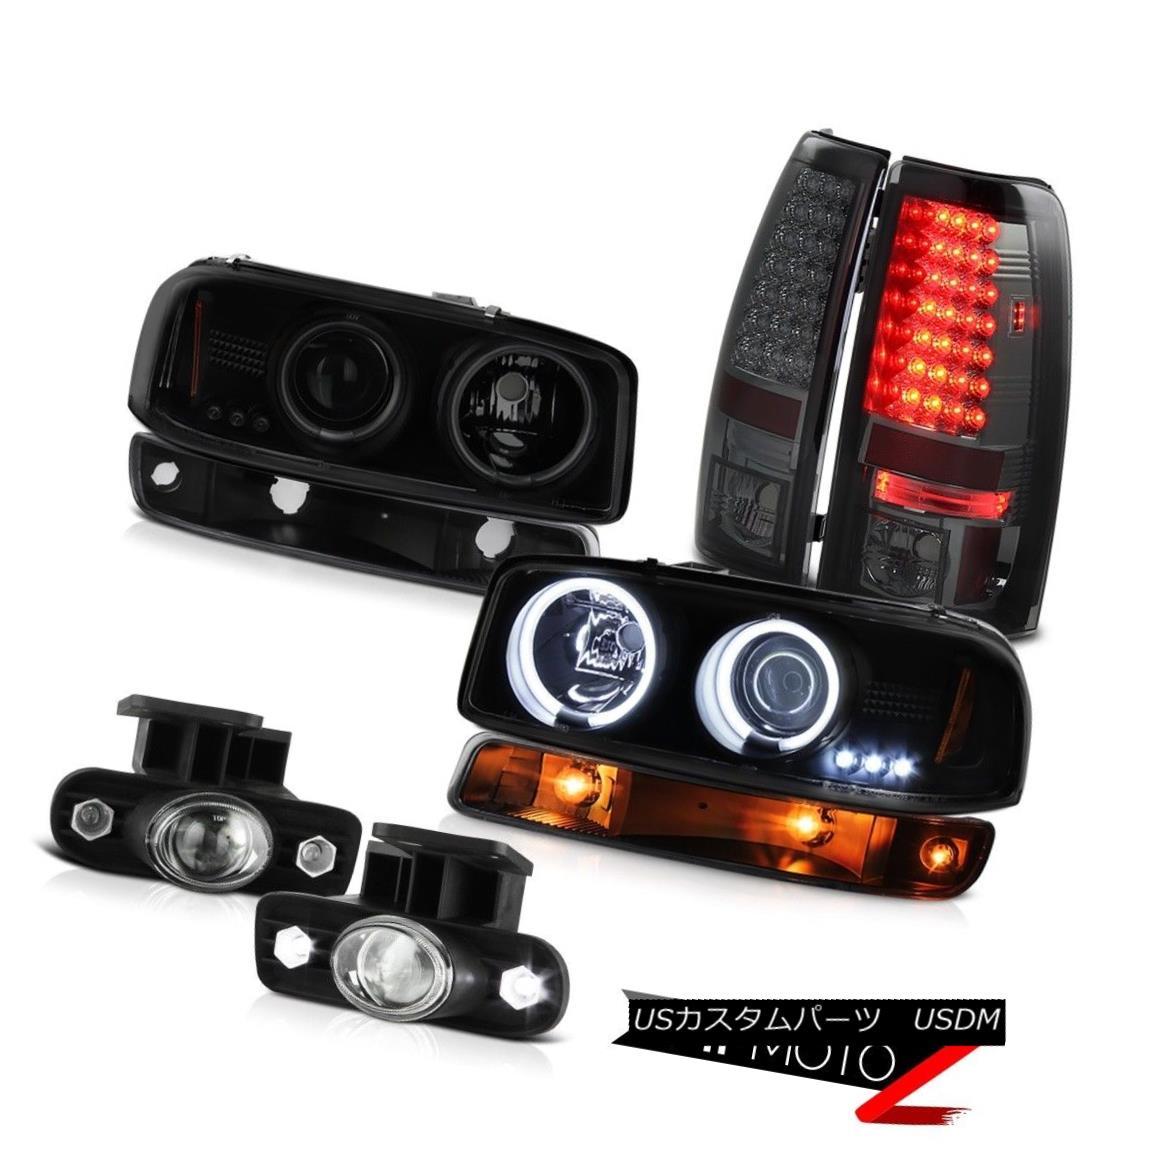 テールライト 1999-2002 Sierra GMT800 Foglights smd taillamps black bumper lamp ccfl headlamps 1999-2002シエラGMT800フォグライトsmdテールランプブラックバンパーランプccflヘッドライト